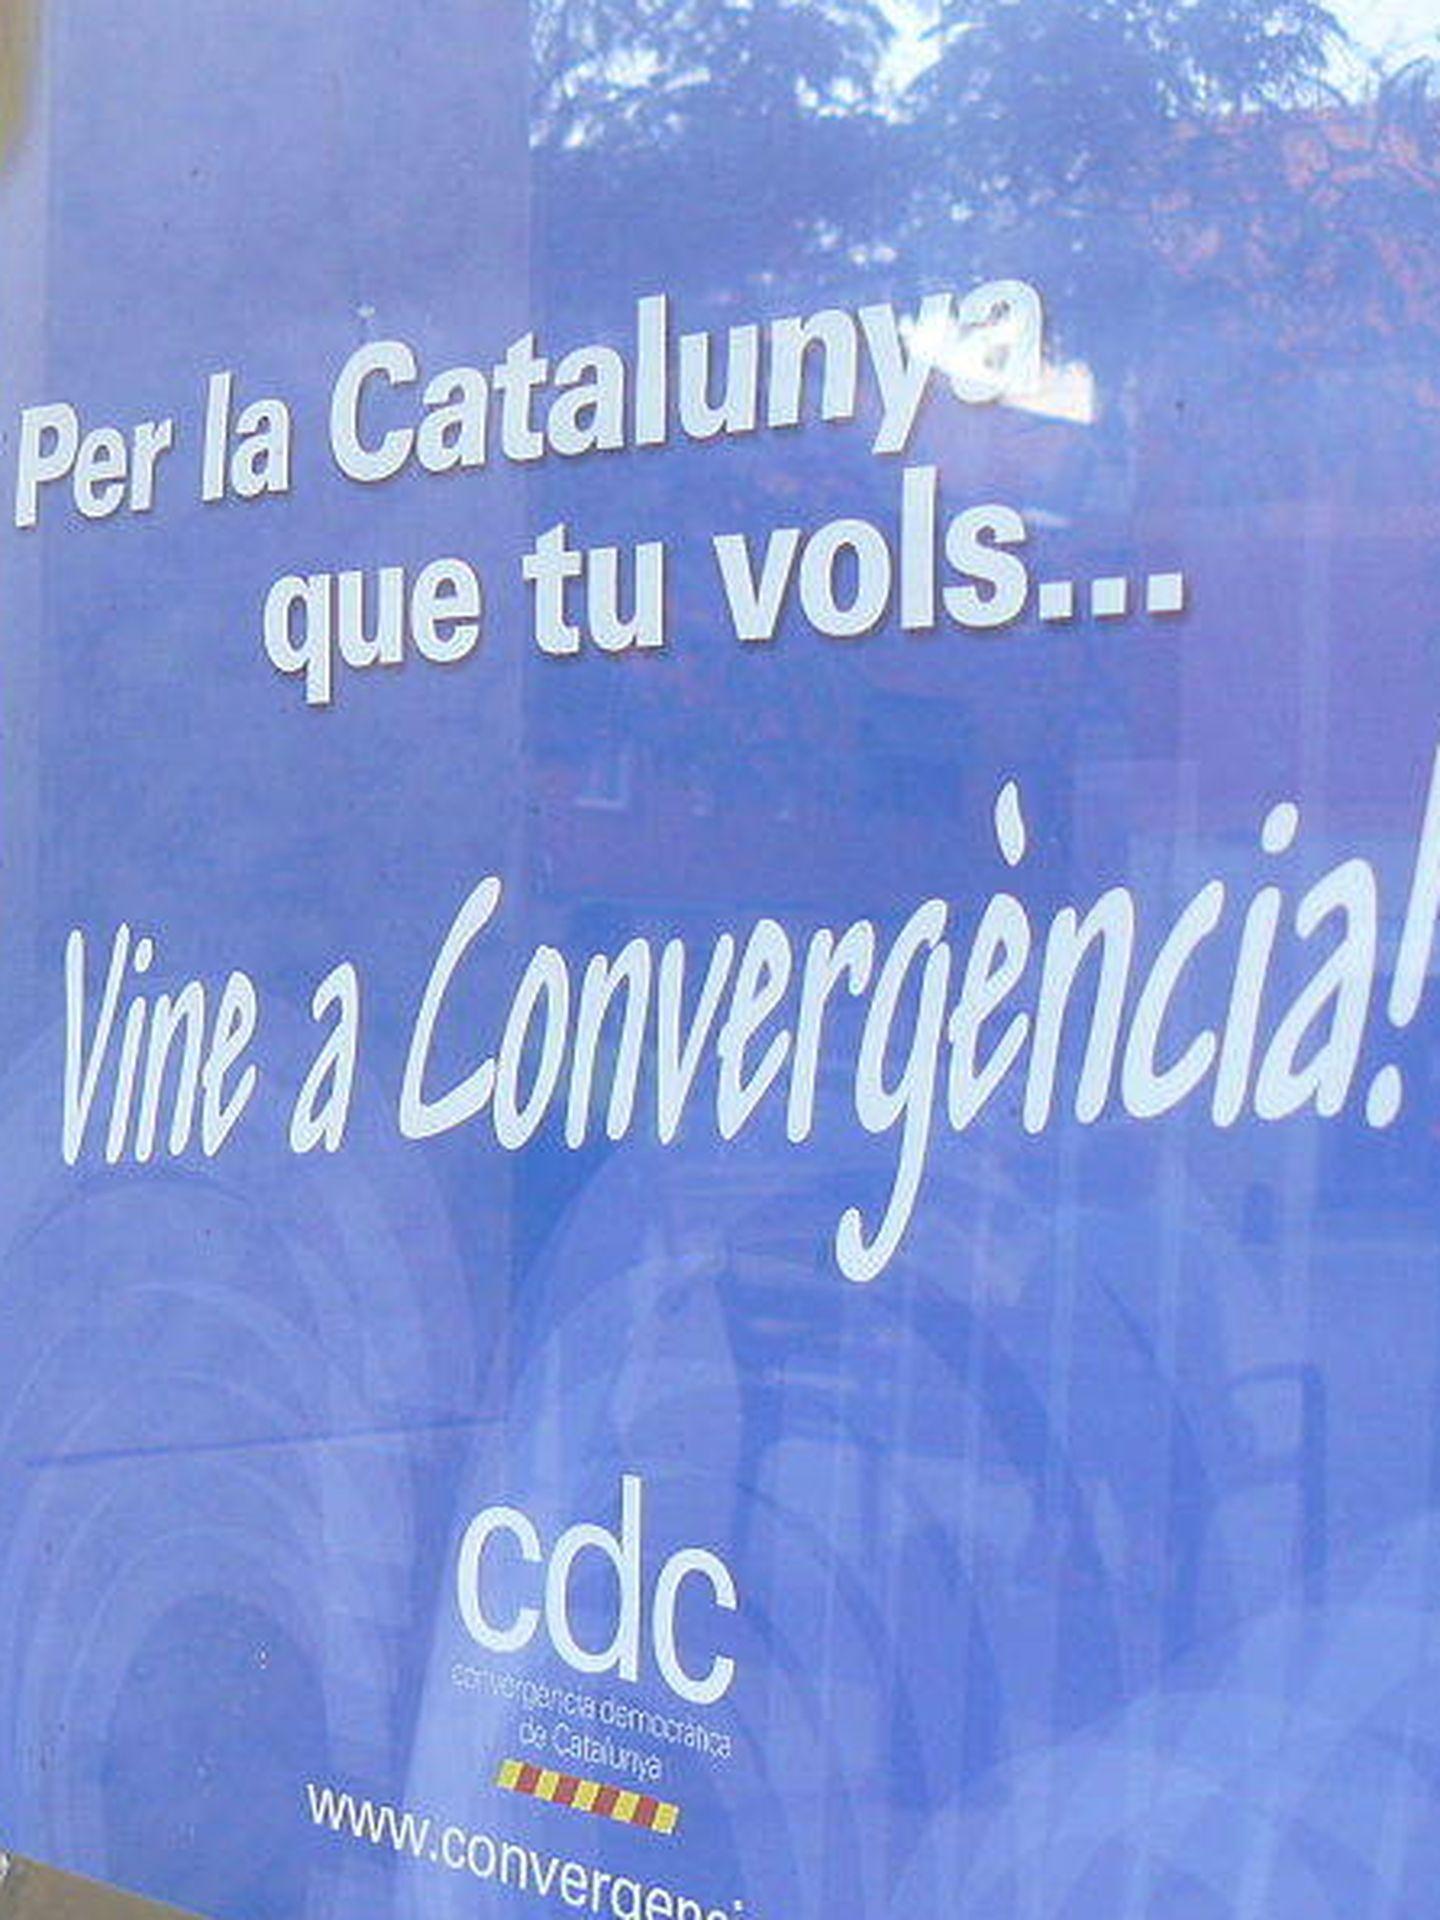 Convergéncia (CDC)